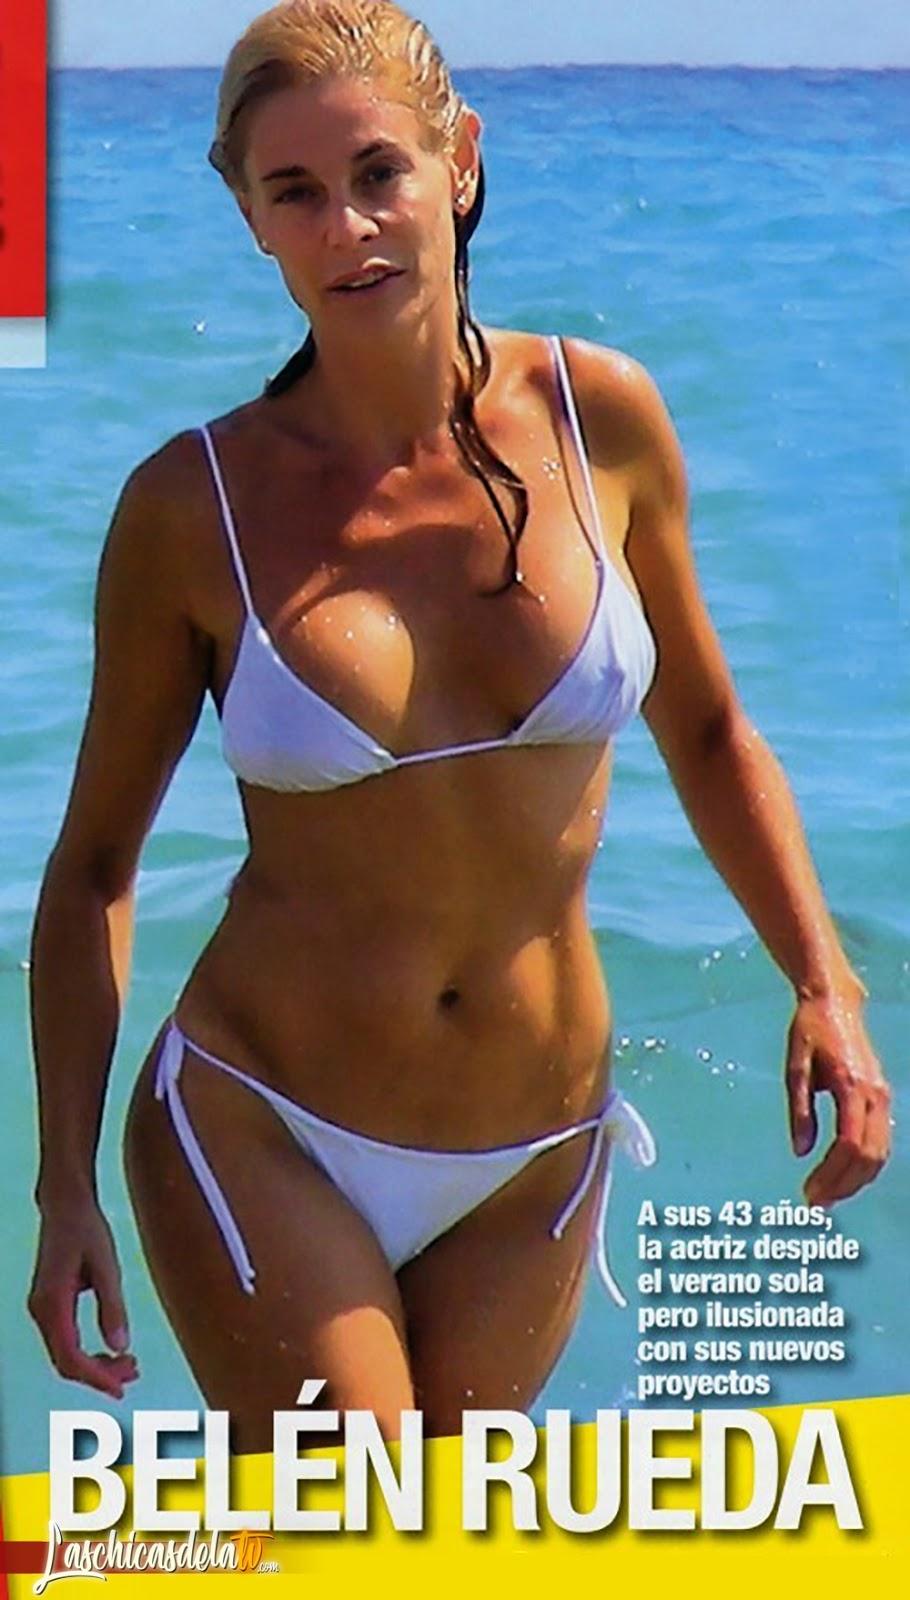 Belen Rueda en topless - LASCHICASDELATV